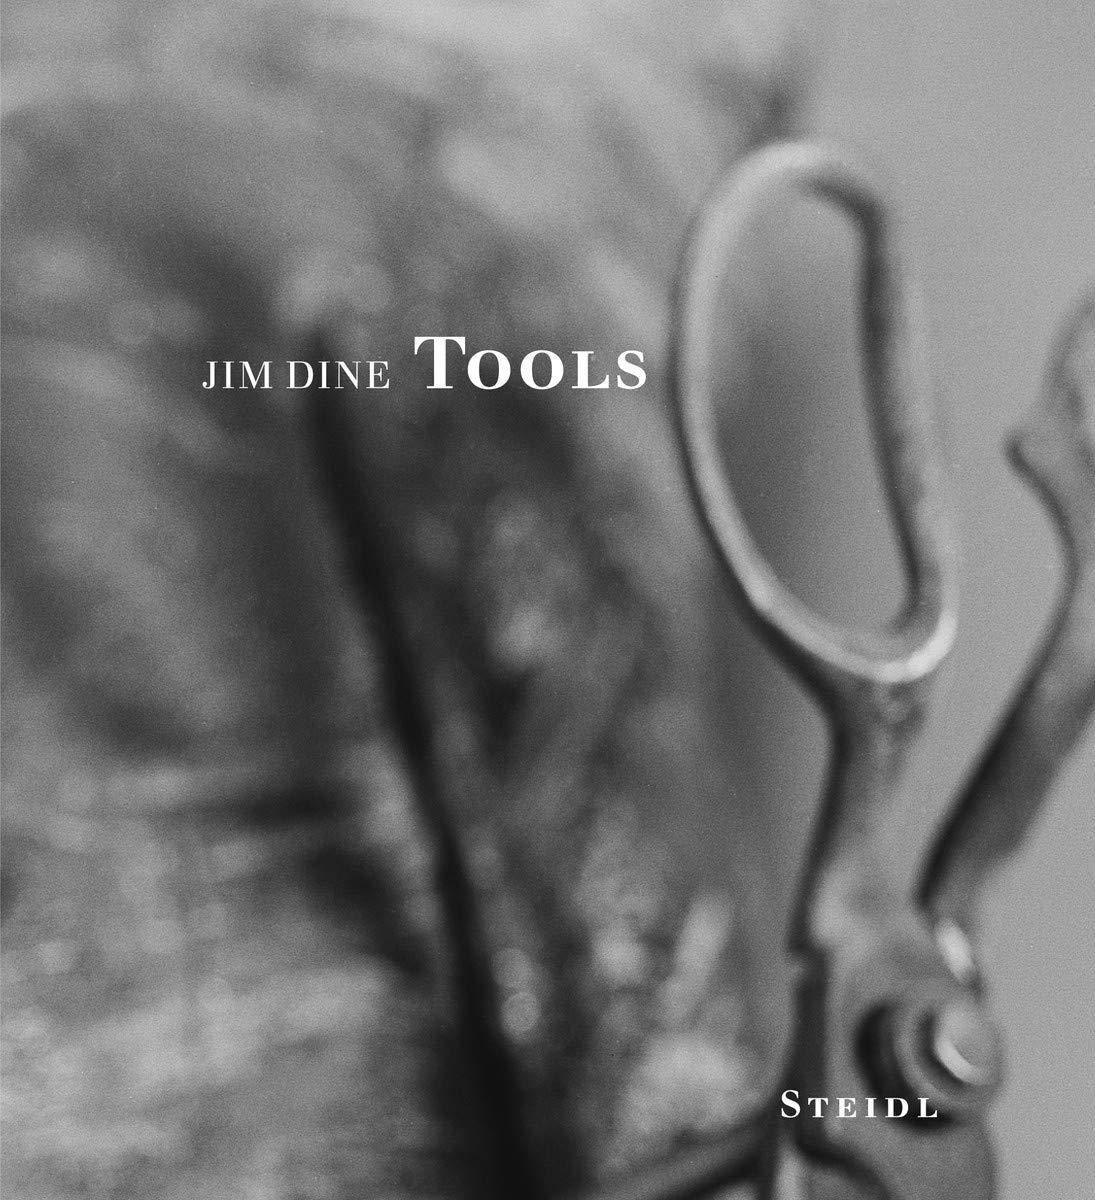 ジム・ダイン写真集: JIM DINE: TOOLS